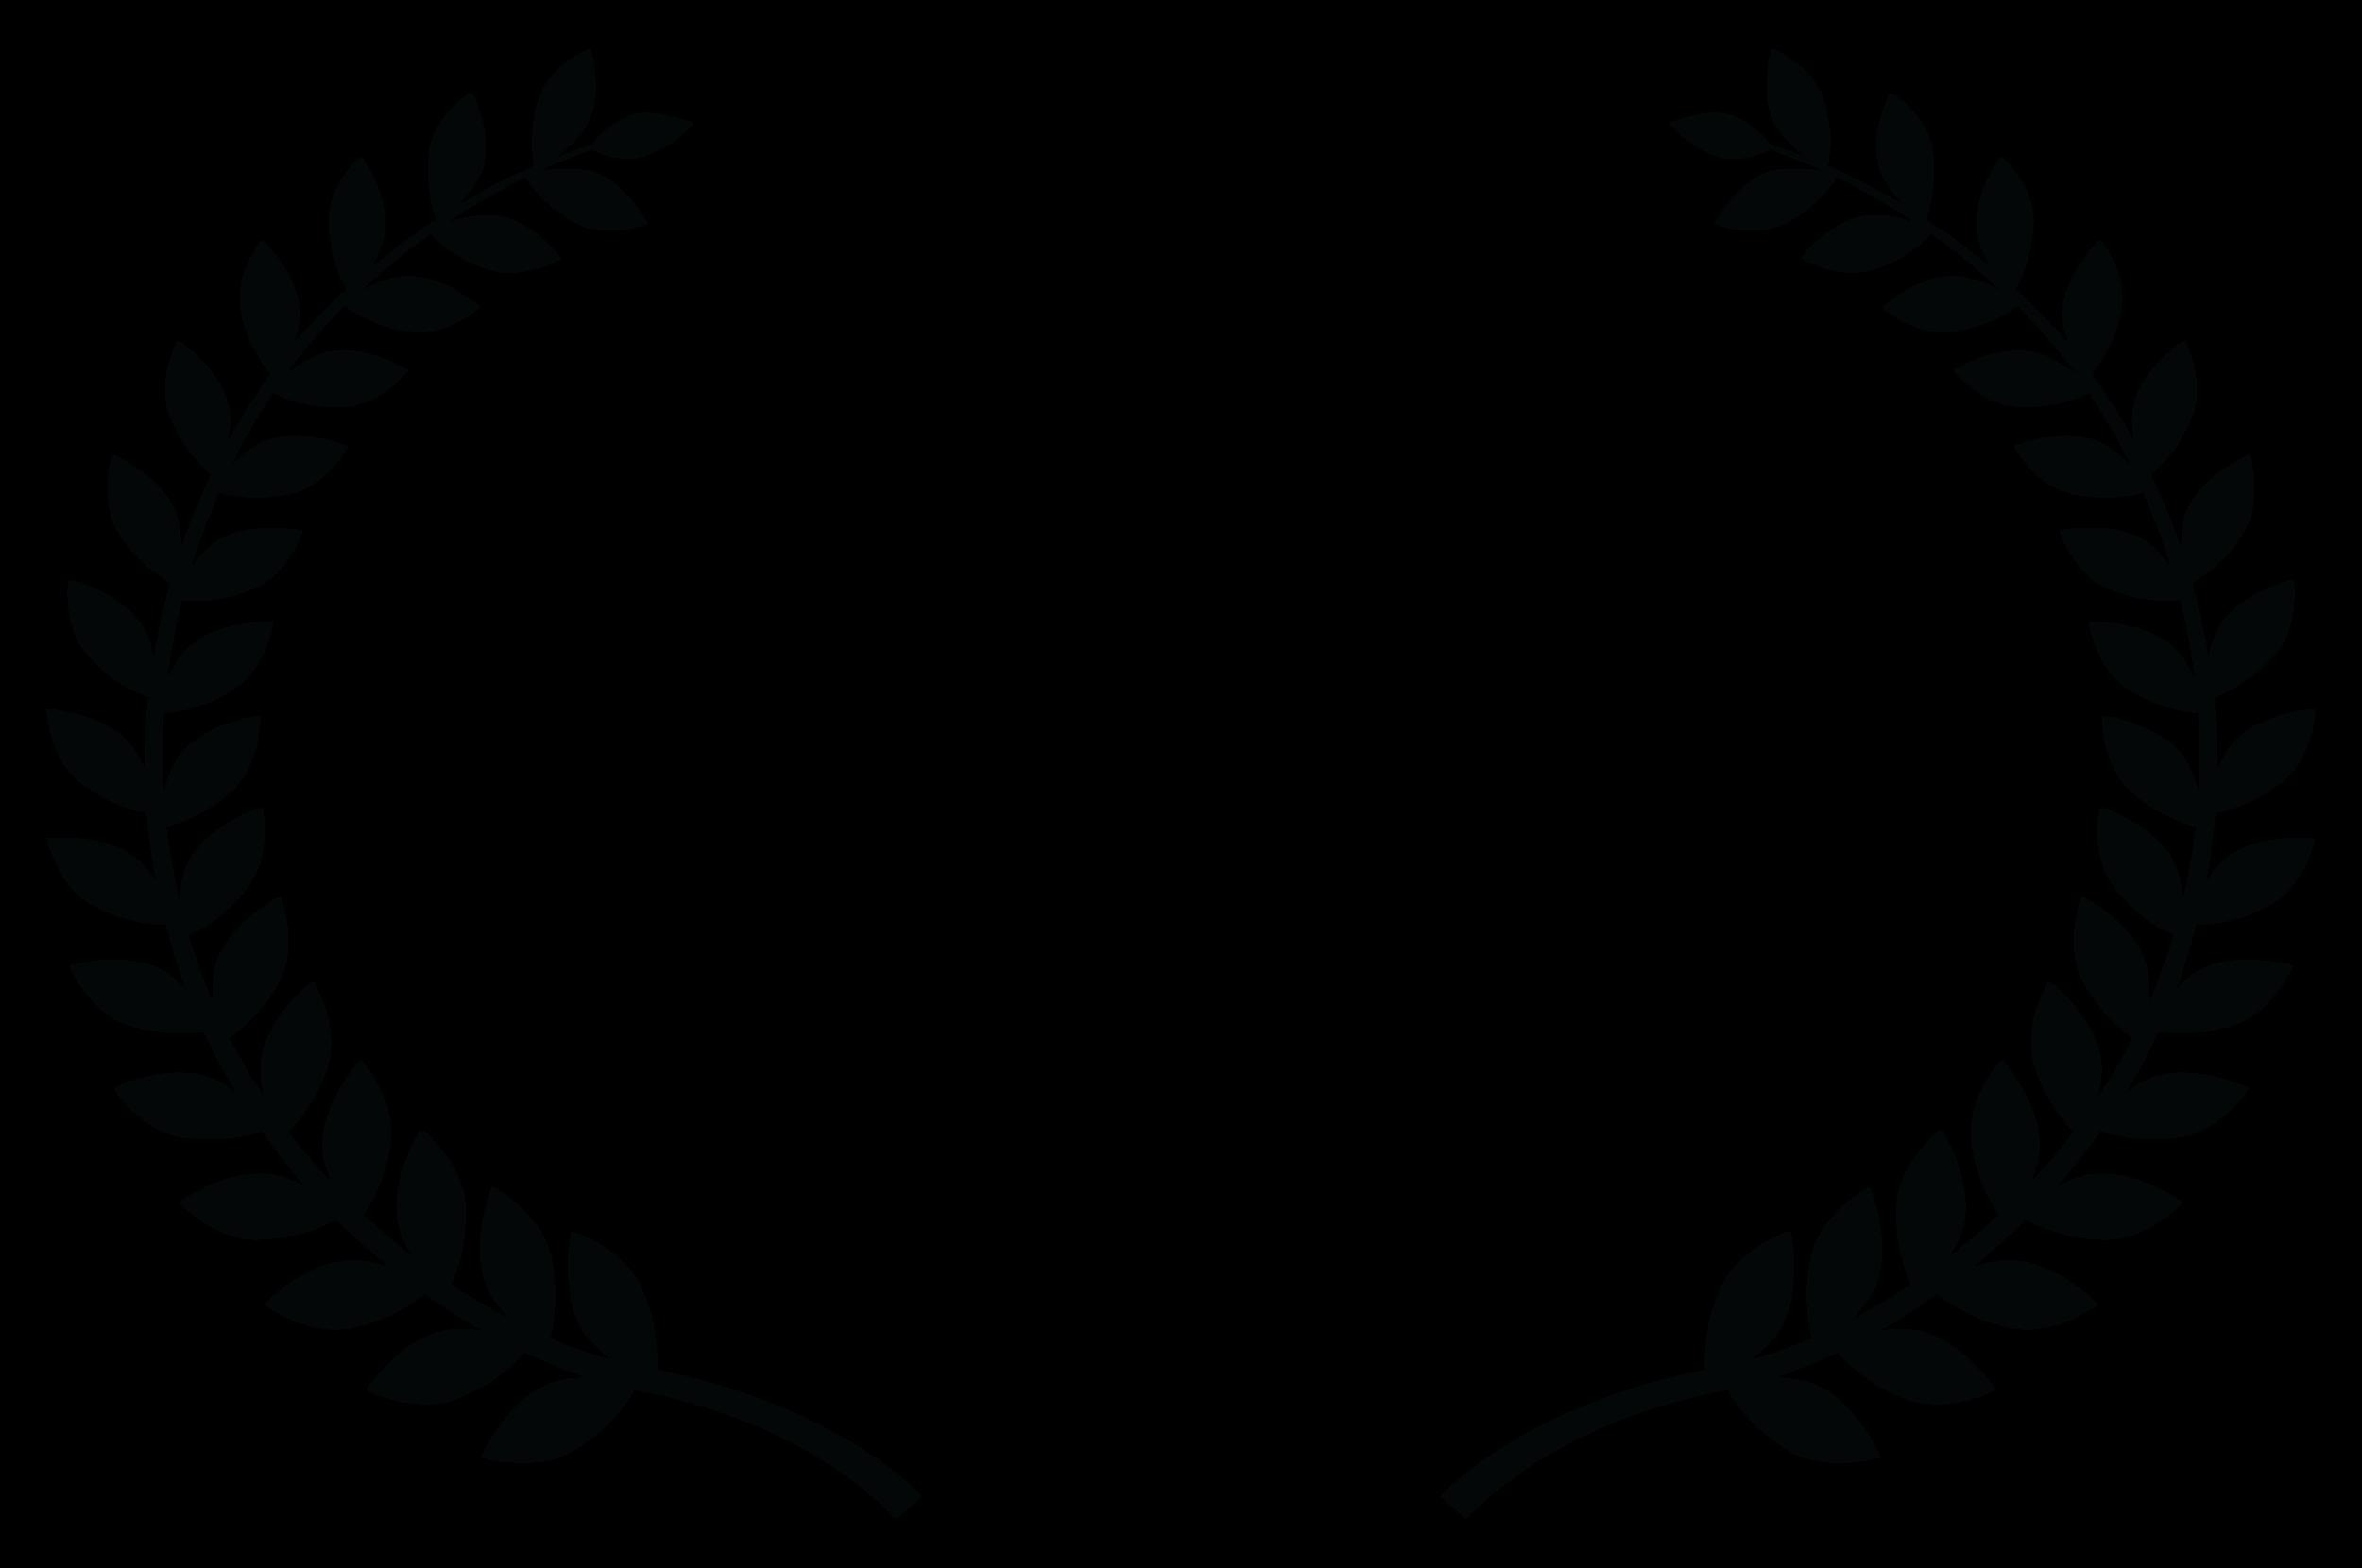 Jukajoki, special mention at Vaasa International Film Festival, 2016